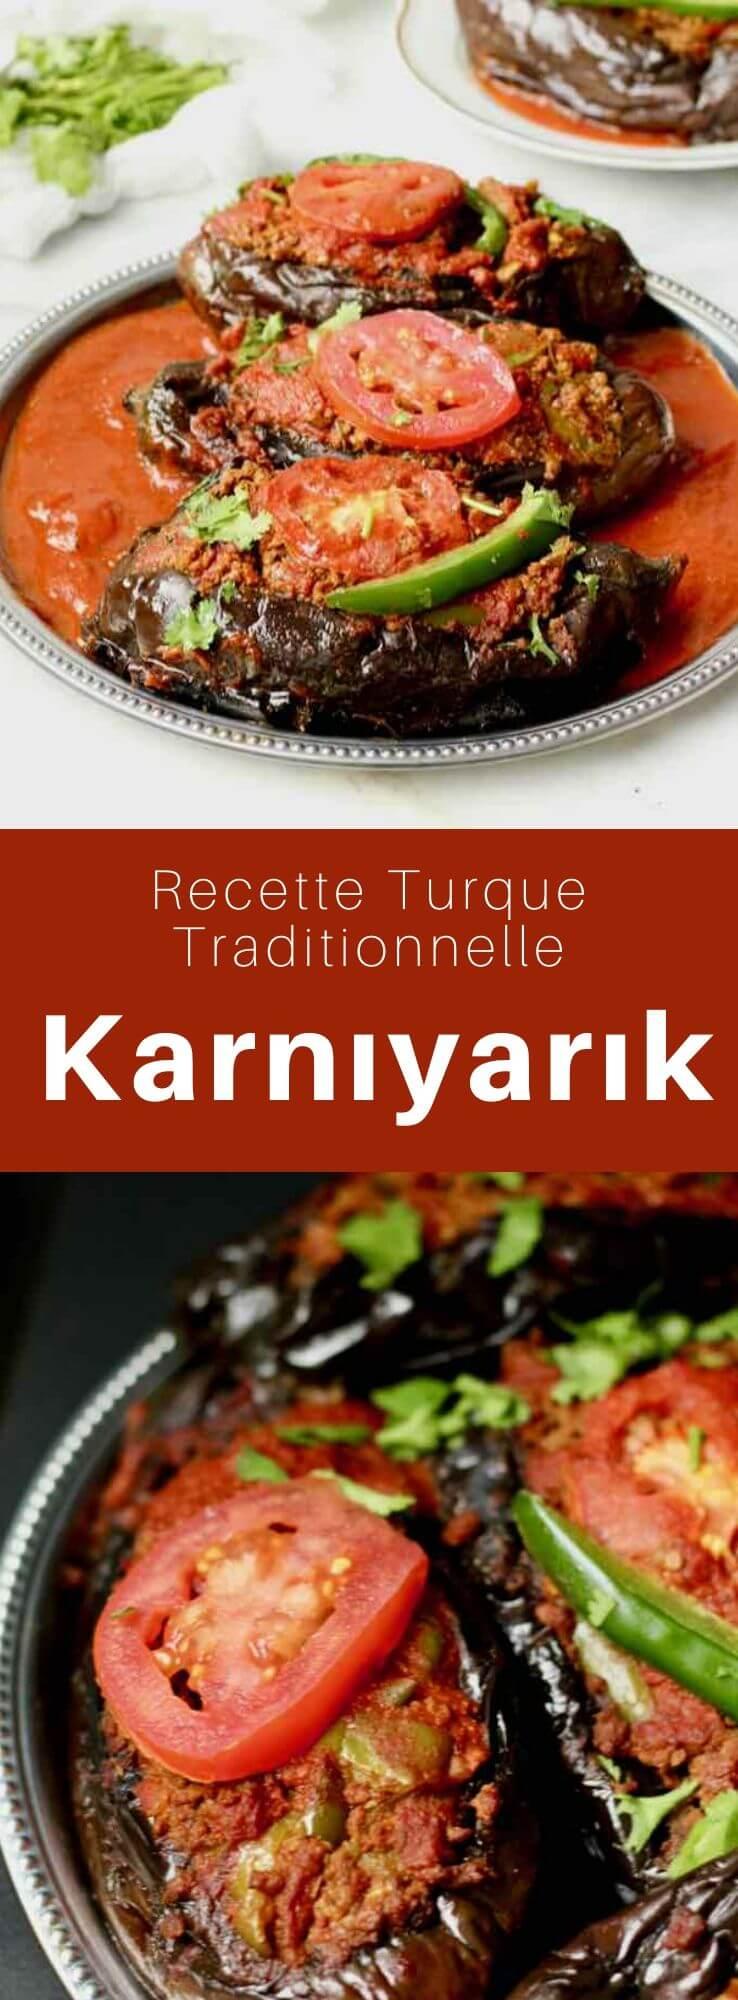 Le karnıyarık (éventré en turc) est un plat turc composé d'aubergines farcies d'un mélange de viande hachée, d'oignon, d'ail, de tomate et de poivron dont la version végétarienne est l'imam bayıldı. #Turquie #RecetteTurque #CuisineTurque #CuisineDuMonde #196flavors